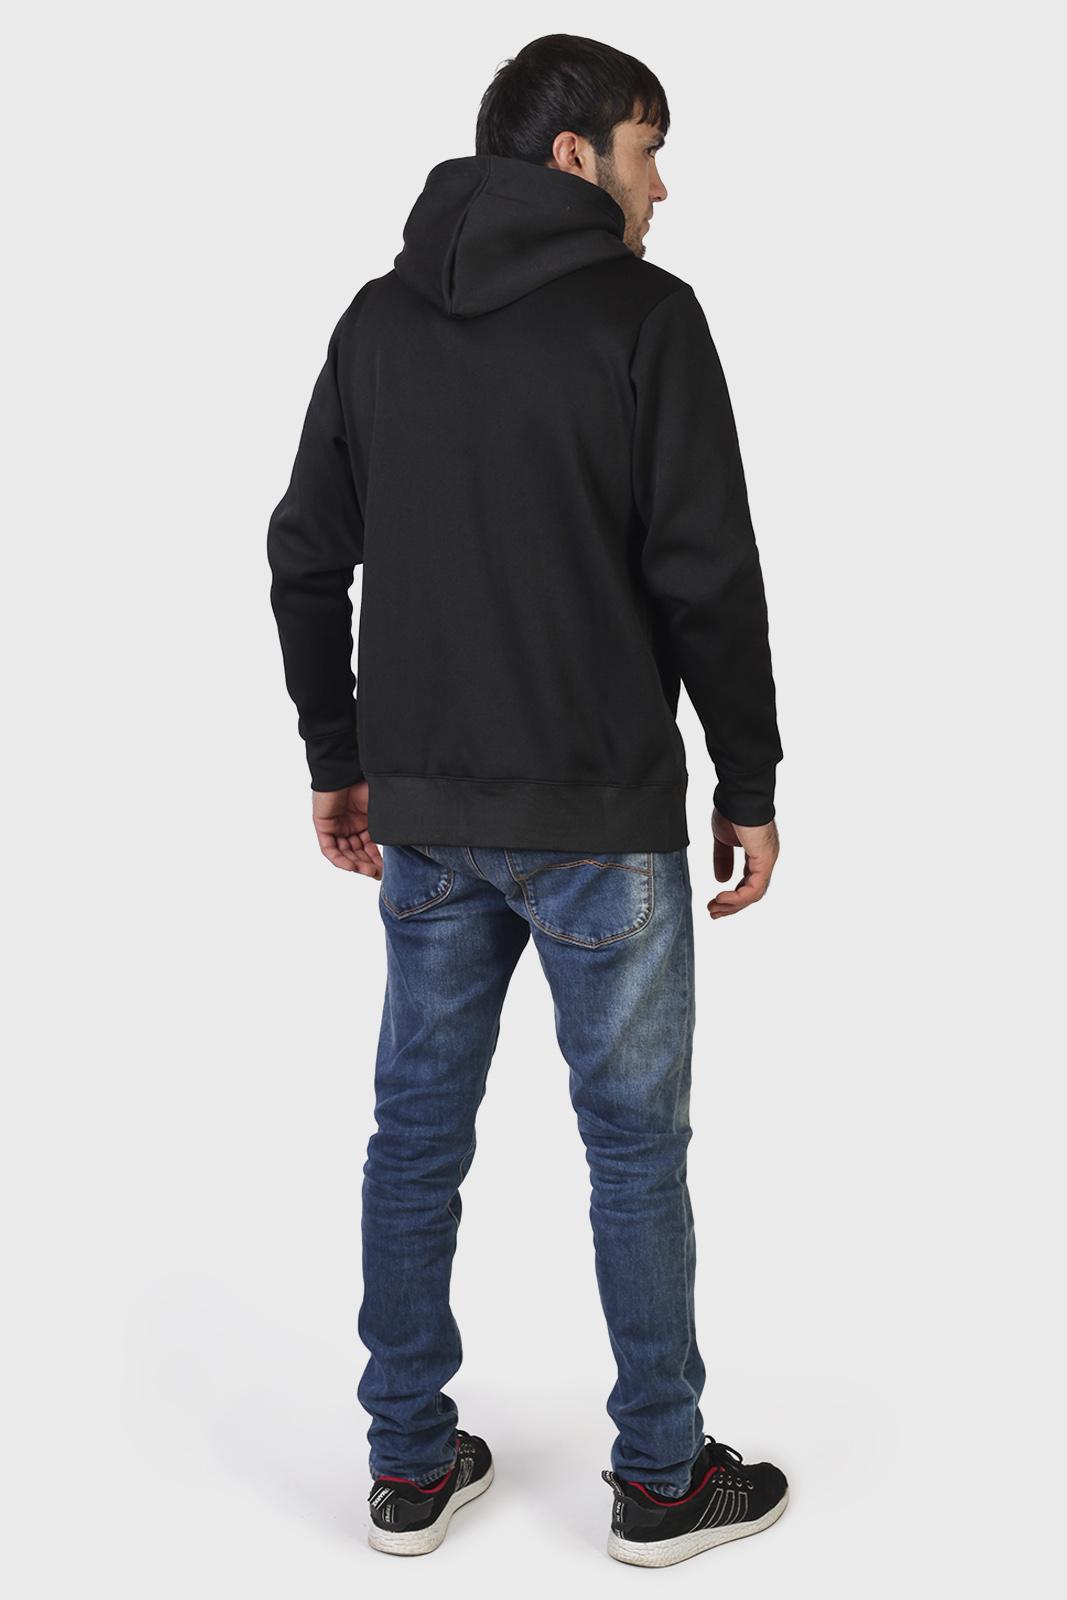 Лаконичная мужская толстовка с шевроном 33 ОДОН ВВ МВД - купить с доставкой